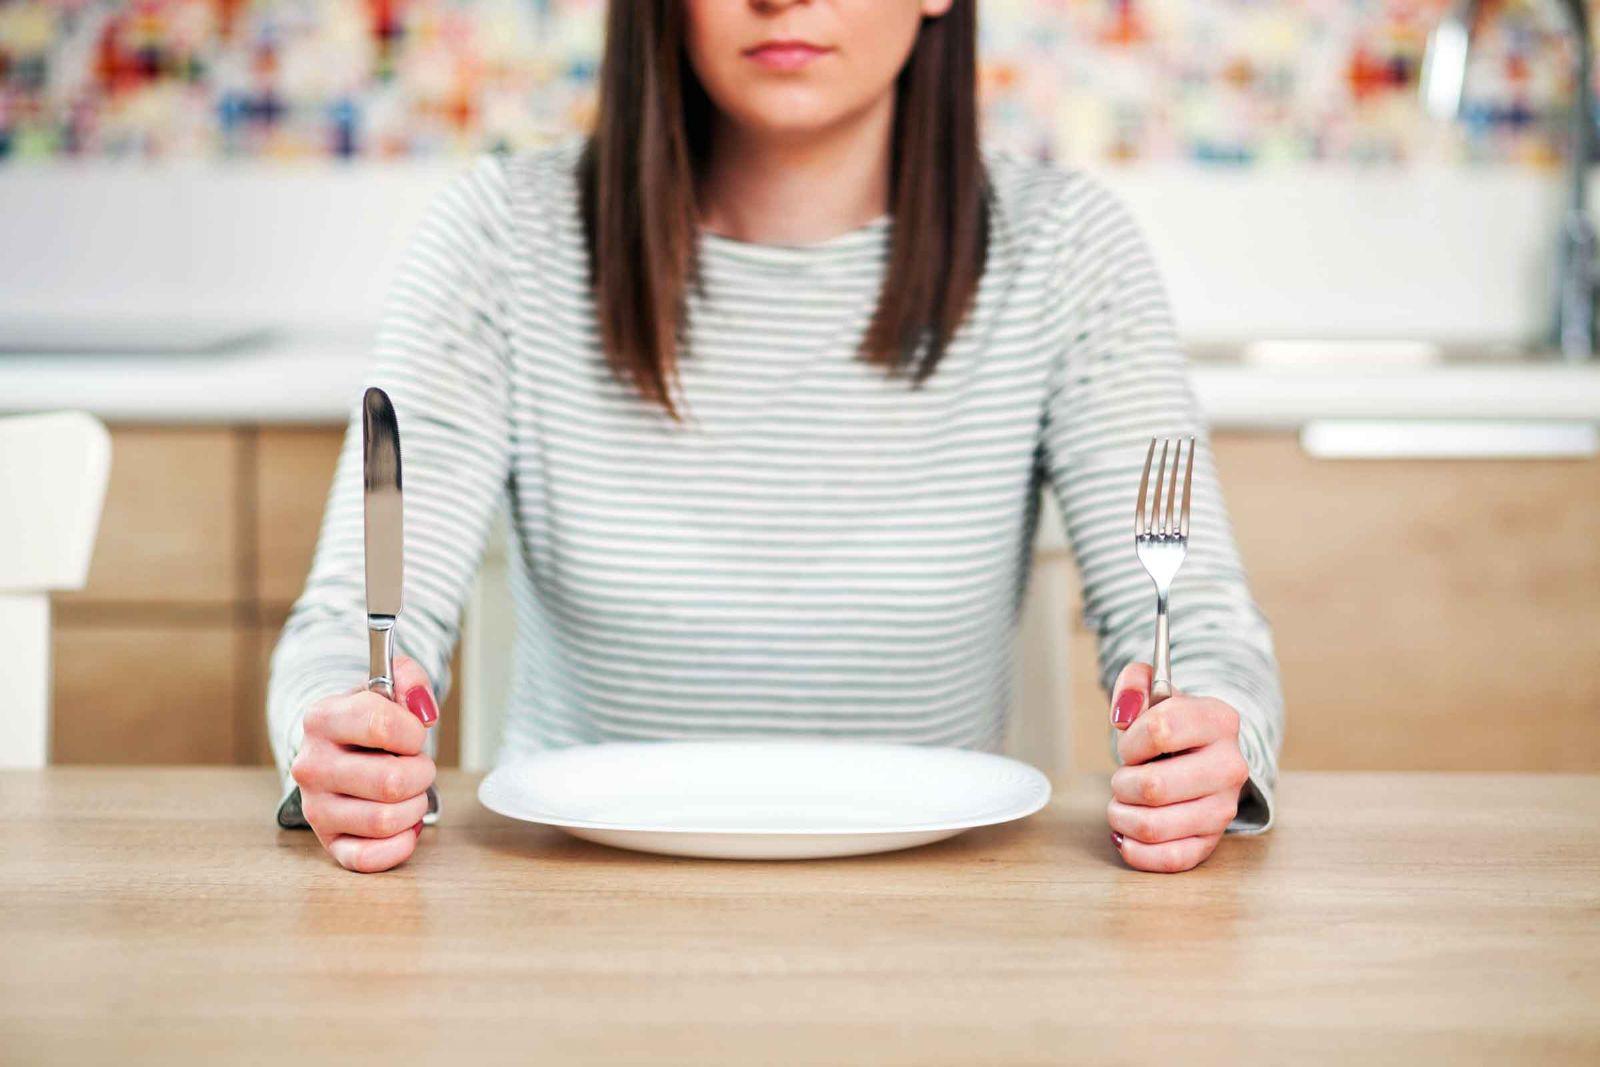 Duy trì những nguyên tắc này mỗi ngày giúp bạn giảm cân nhanh mà không bị suy nhược cơ thể - Ảnh 1.